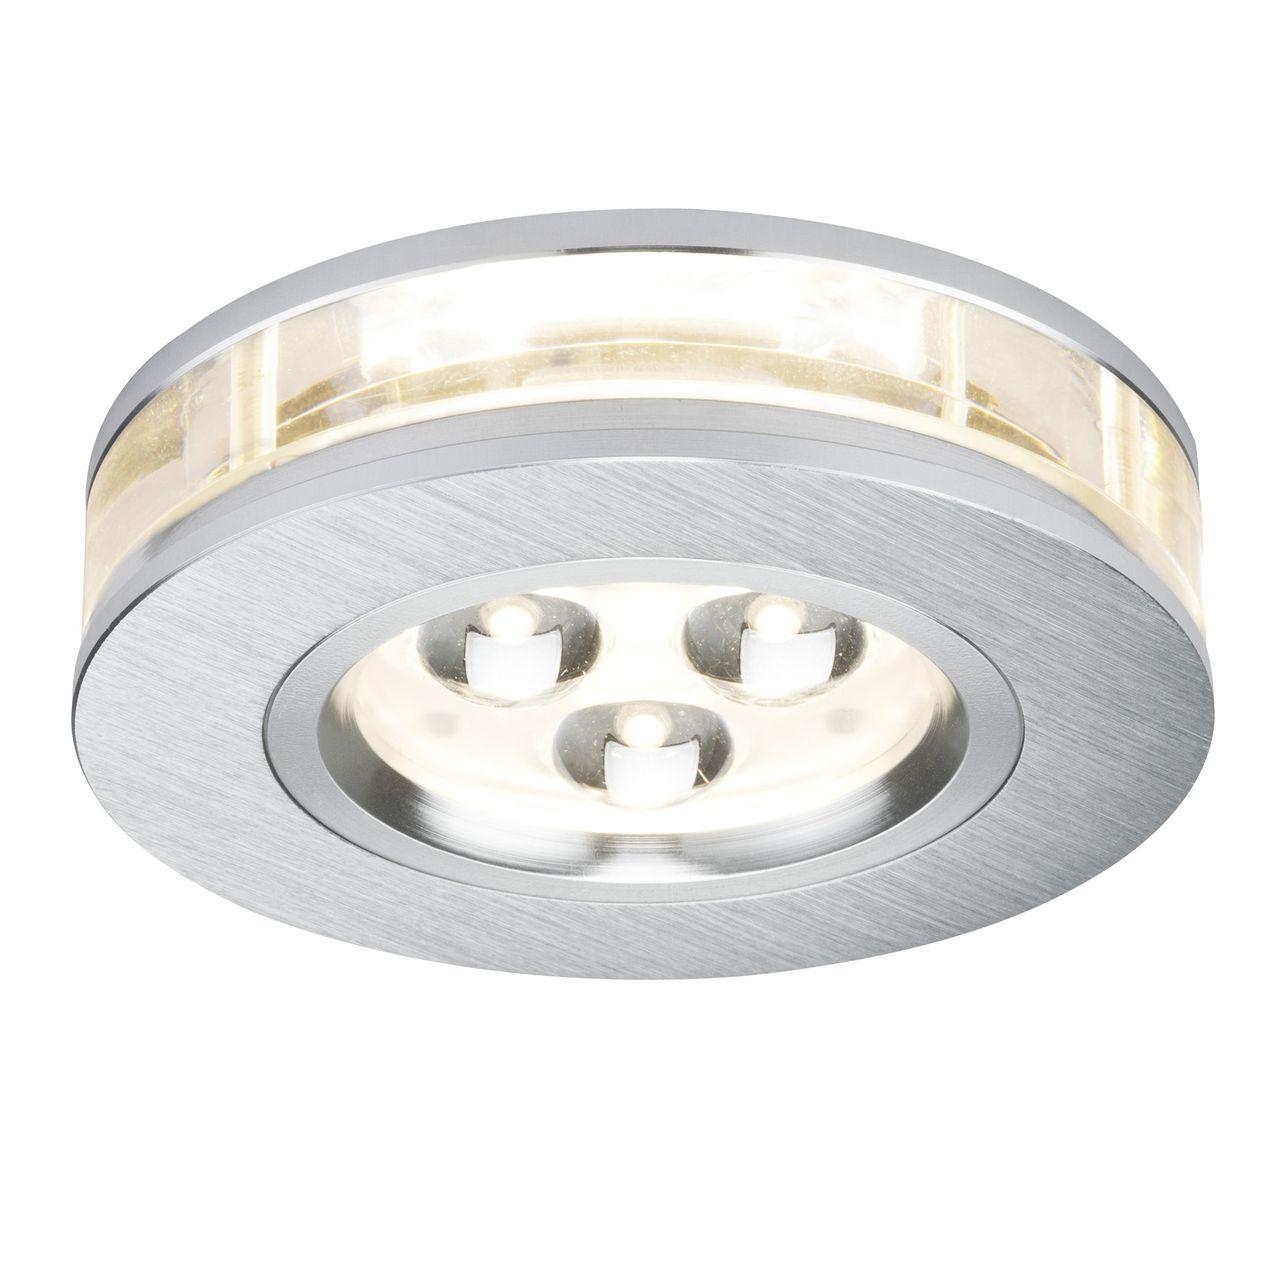 Купить Встраиваемый светодиодный светильник Paulmann Premium Line Liro Led, inmyroom, Германия